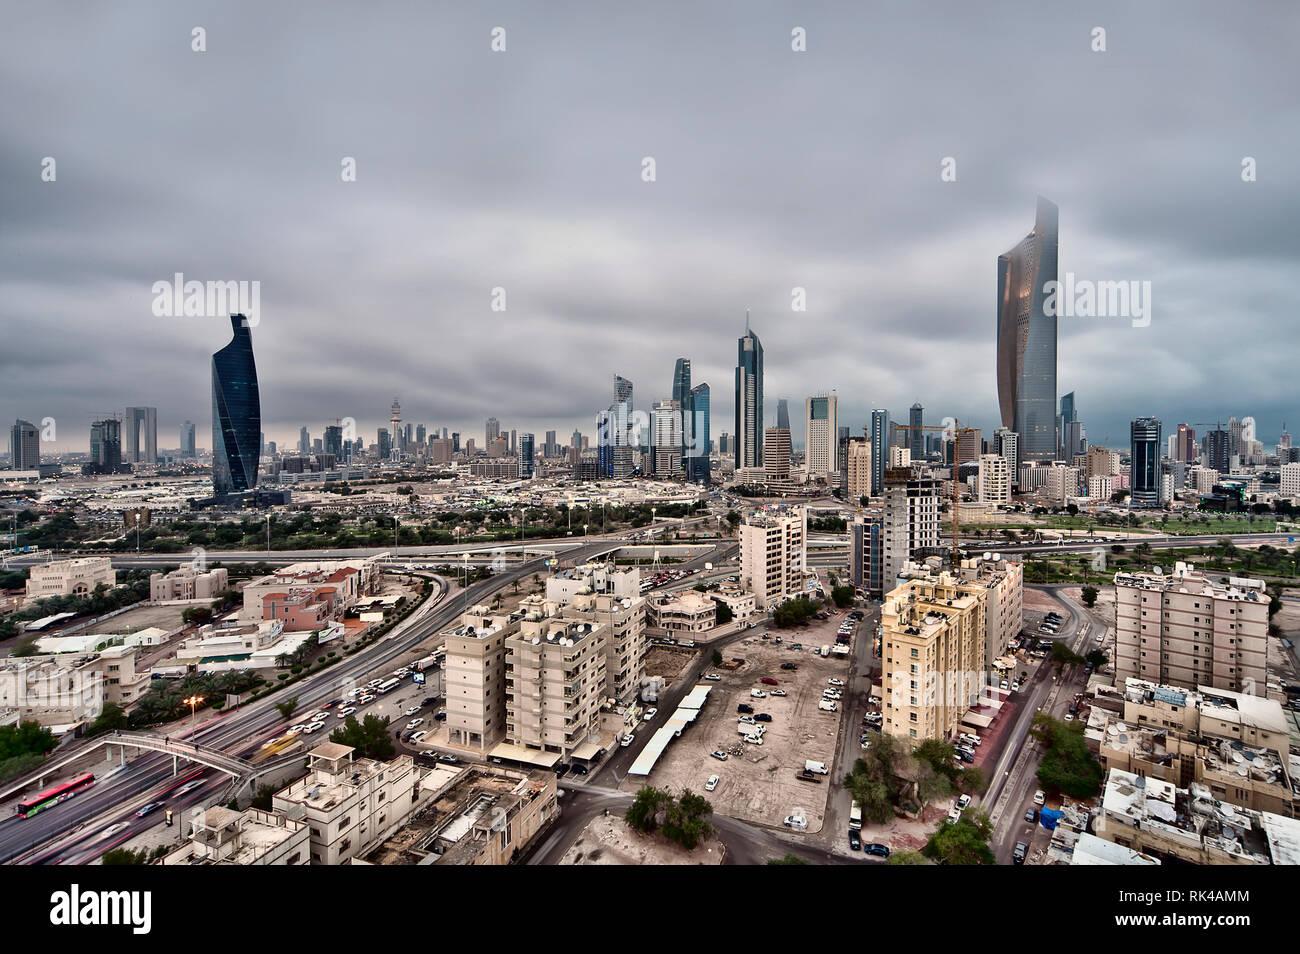 Kuwait City - Stock Image